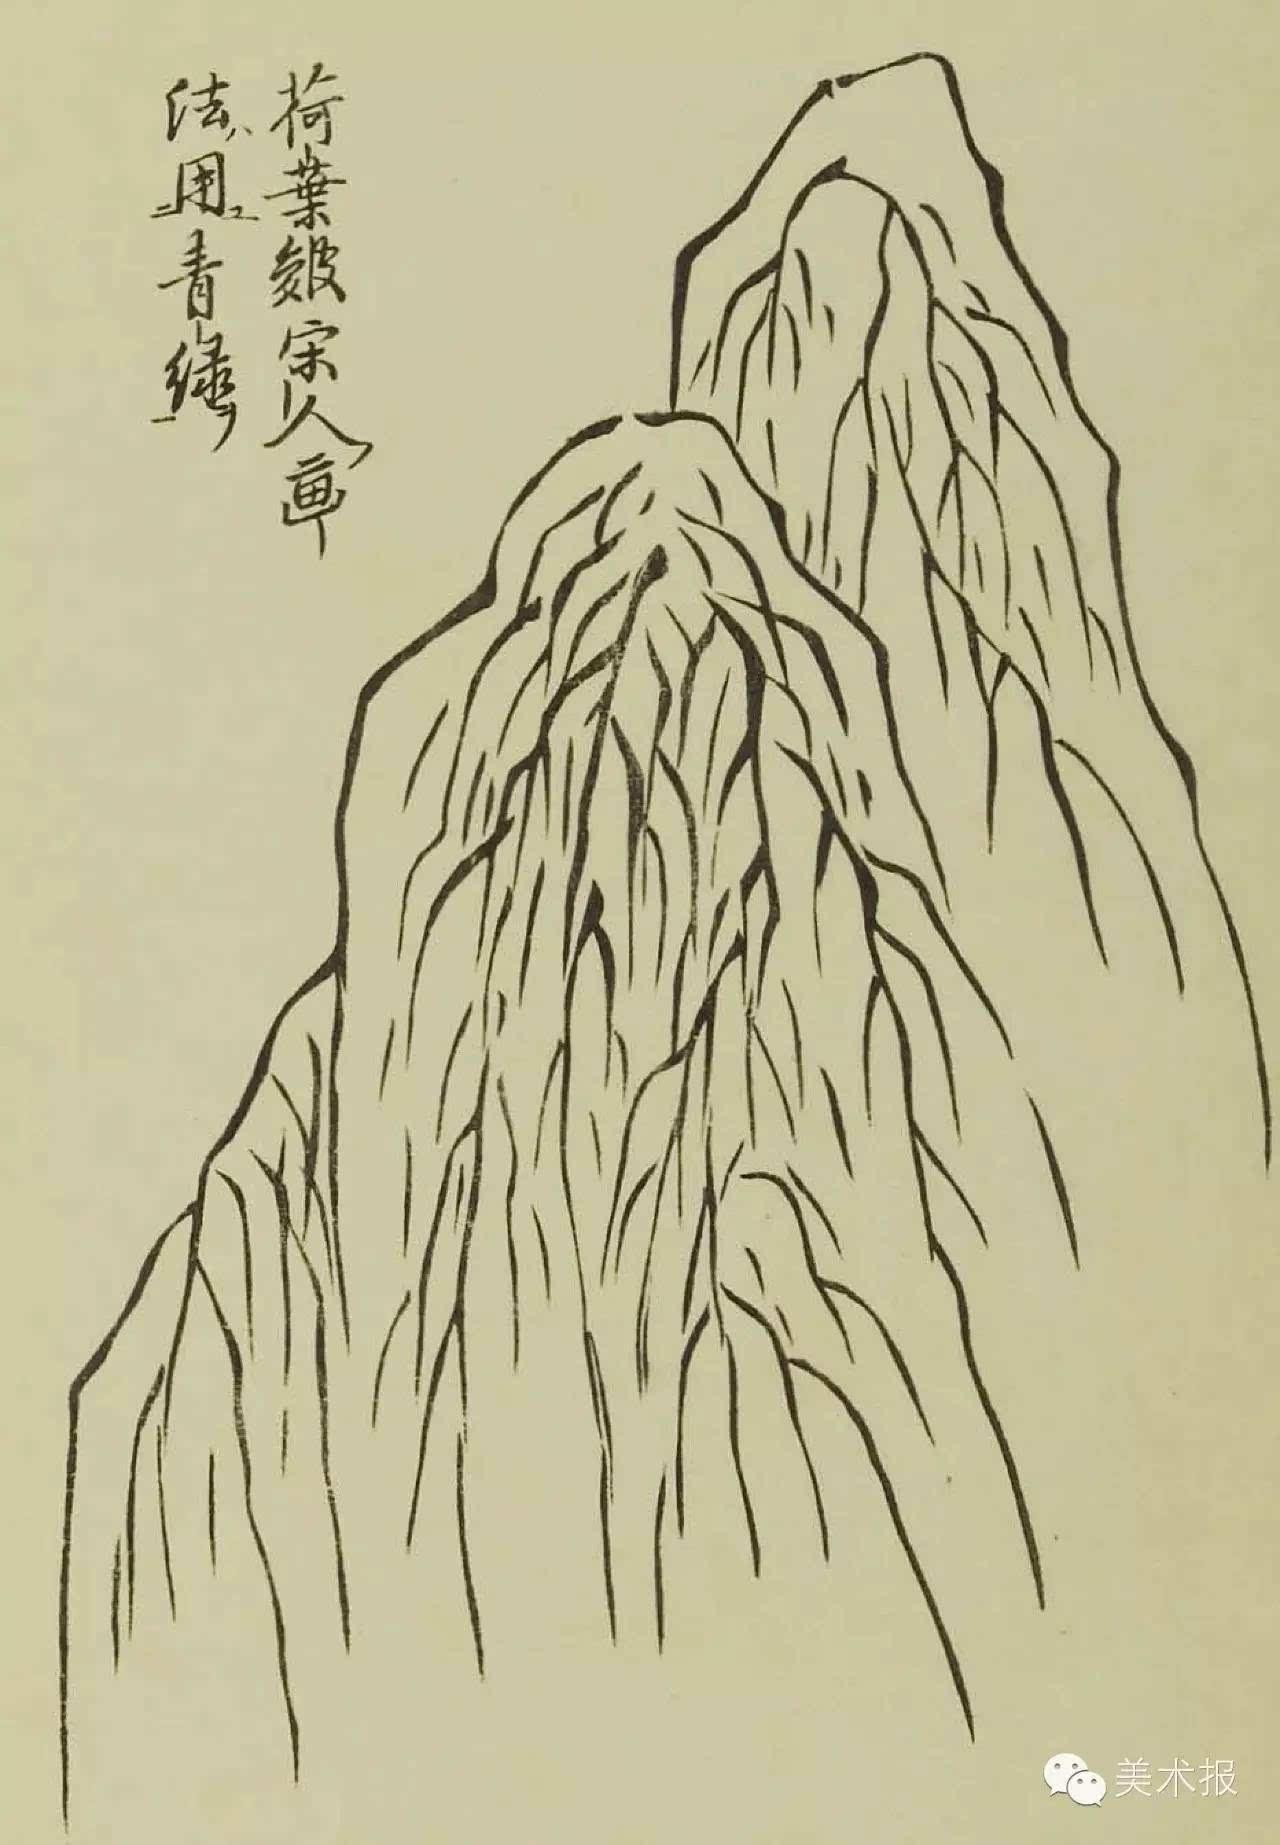 国画 简笔画 手绘 线稿 1280_1845 竖版 竖屏